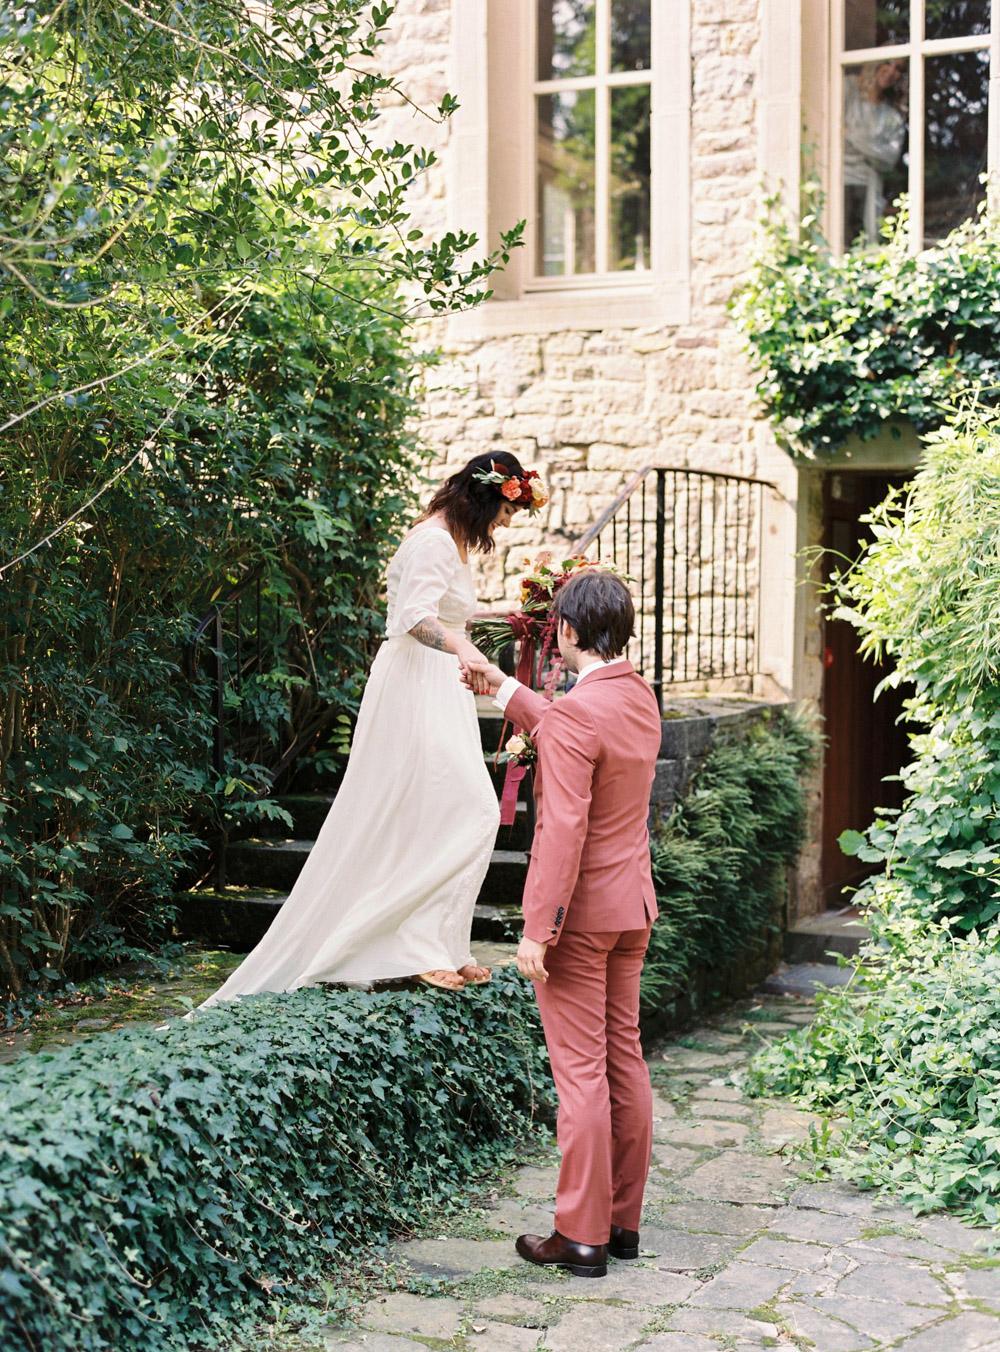 camp sol wedding weekend - wesley nulens-48.jpg